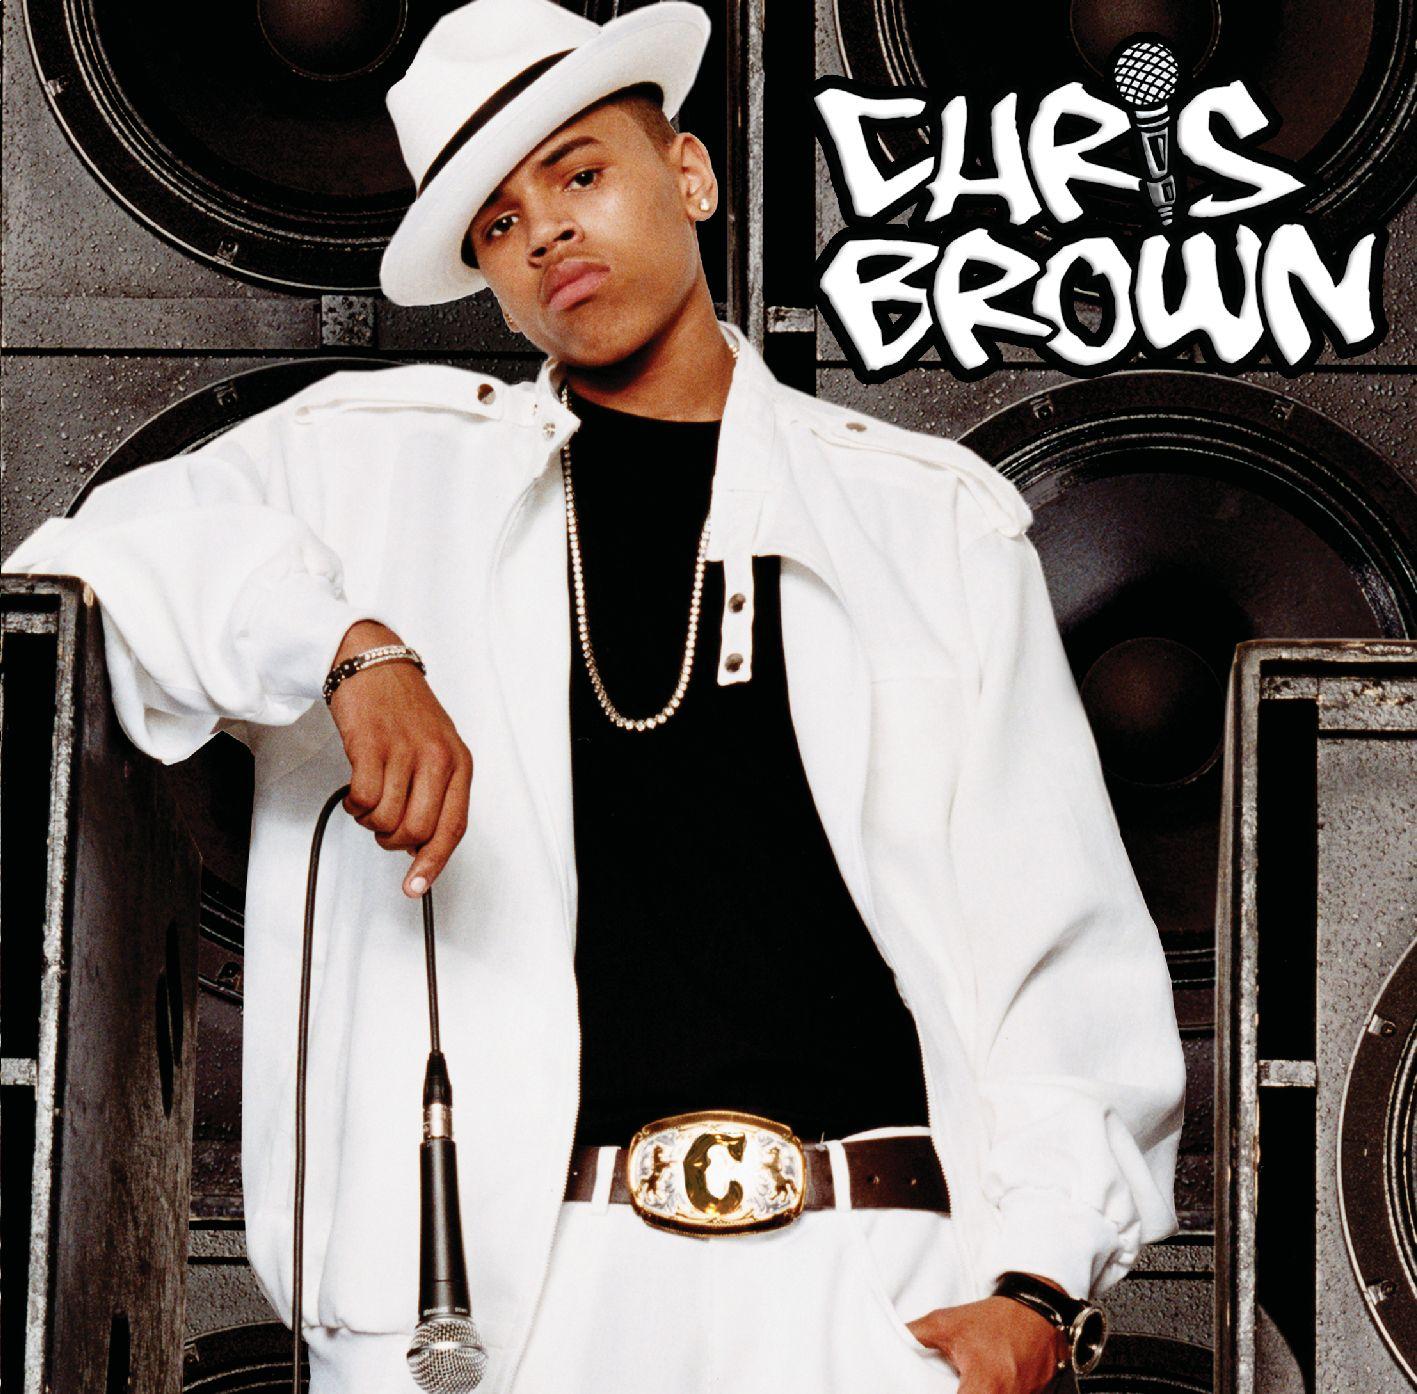 Chris Brown - Chris Brown album cover